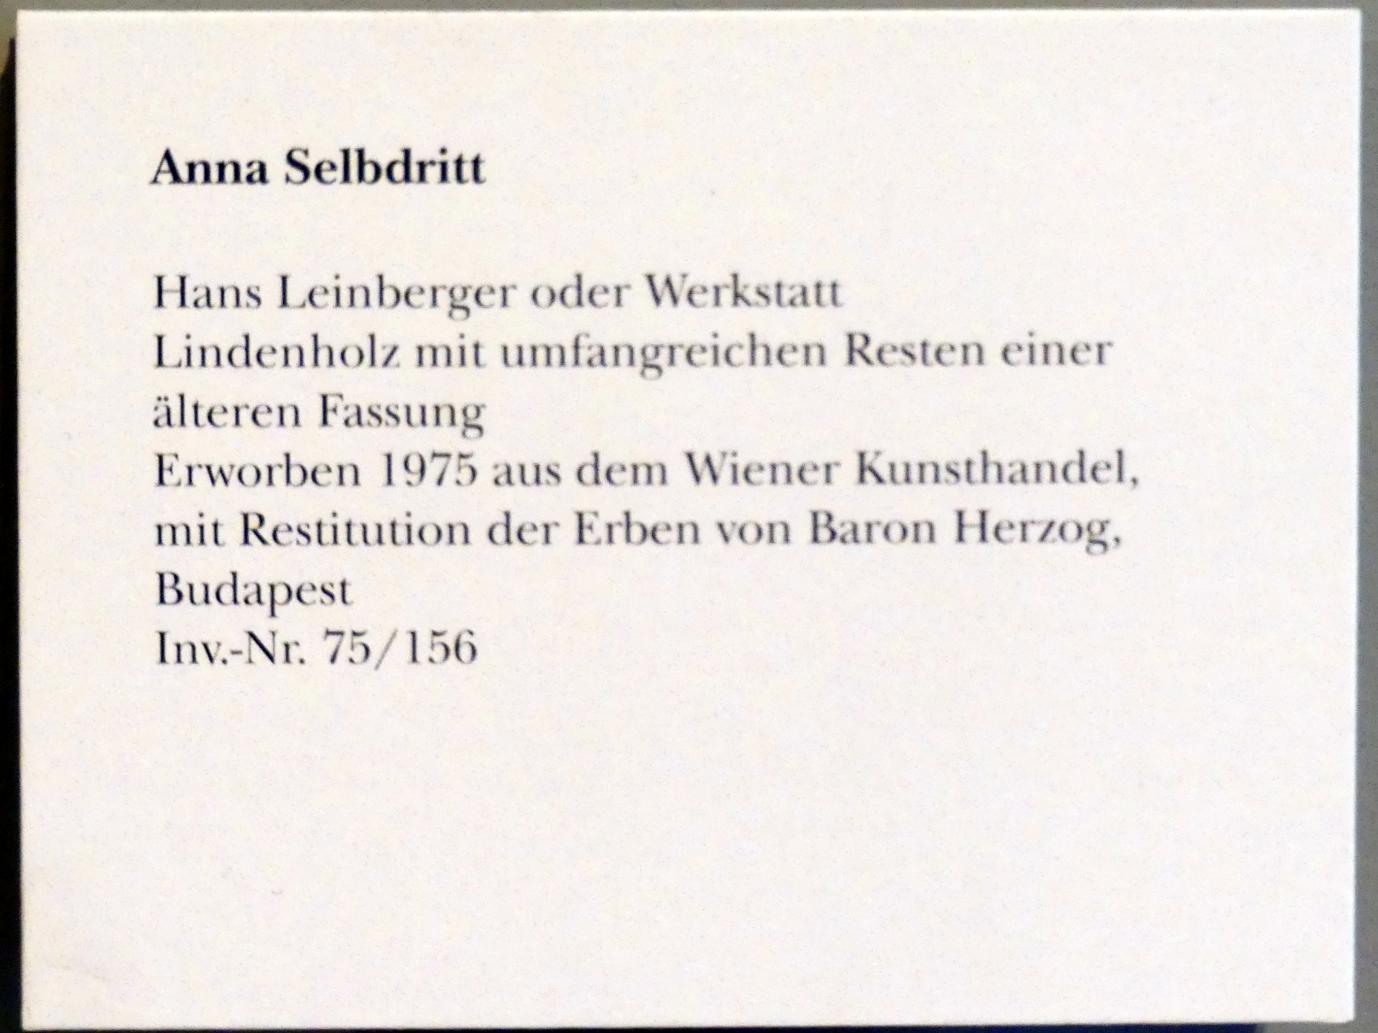 Hans Leinberger: Anna Selbdritt, Undatiert